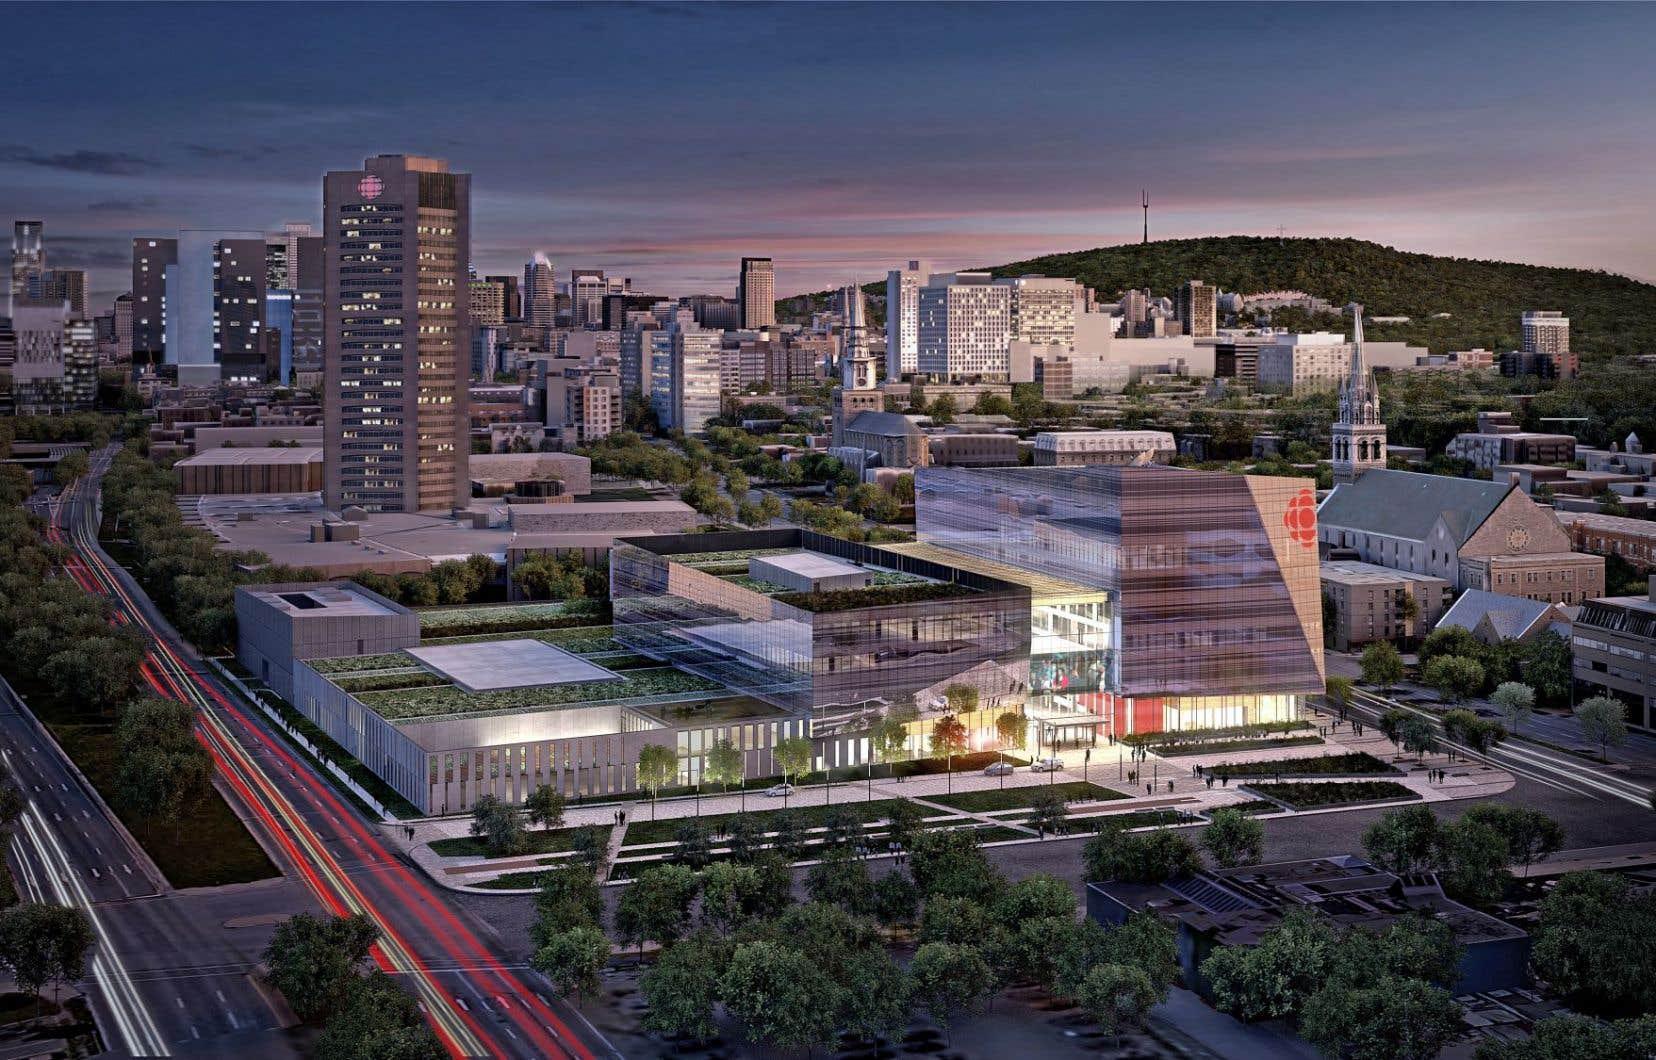 La construction de l'immeuble devrait se terminer à la fin de 2019 et les 3000 employés du diffuseur pourront intégrer leurs nouveaux bureaux en janvier 2020.